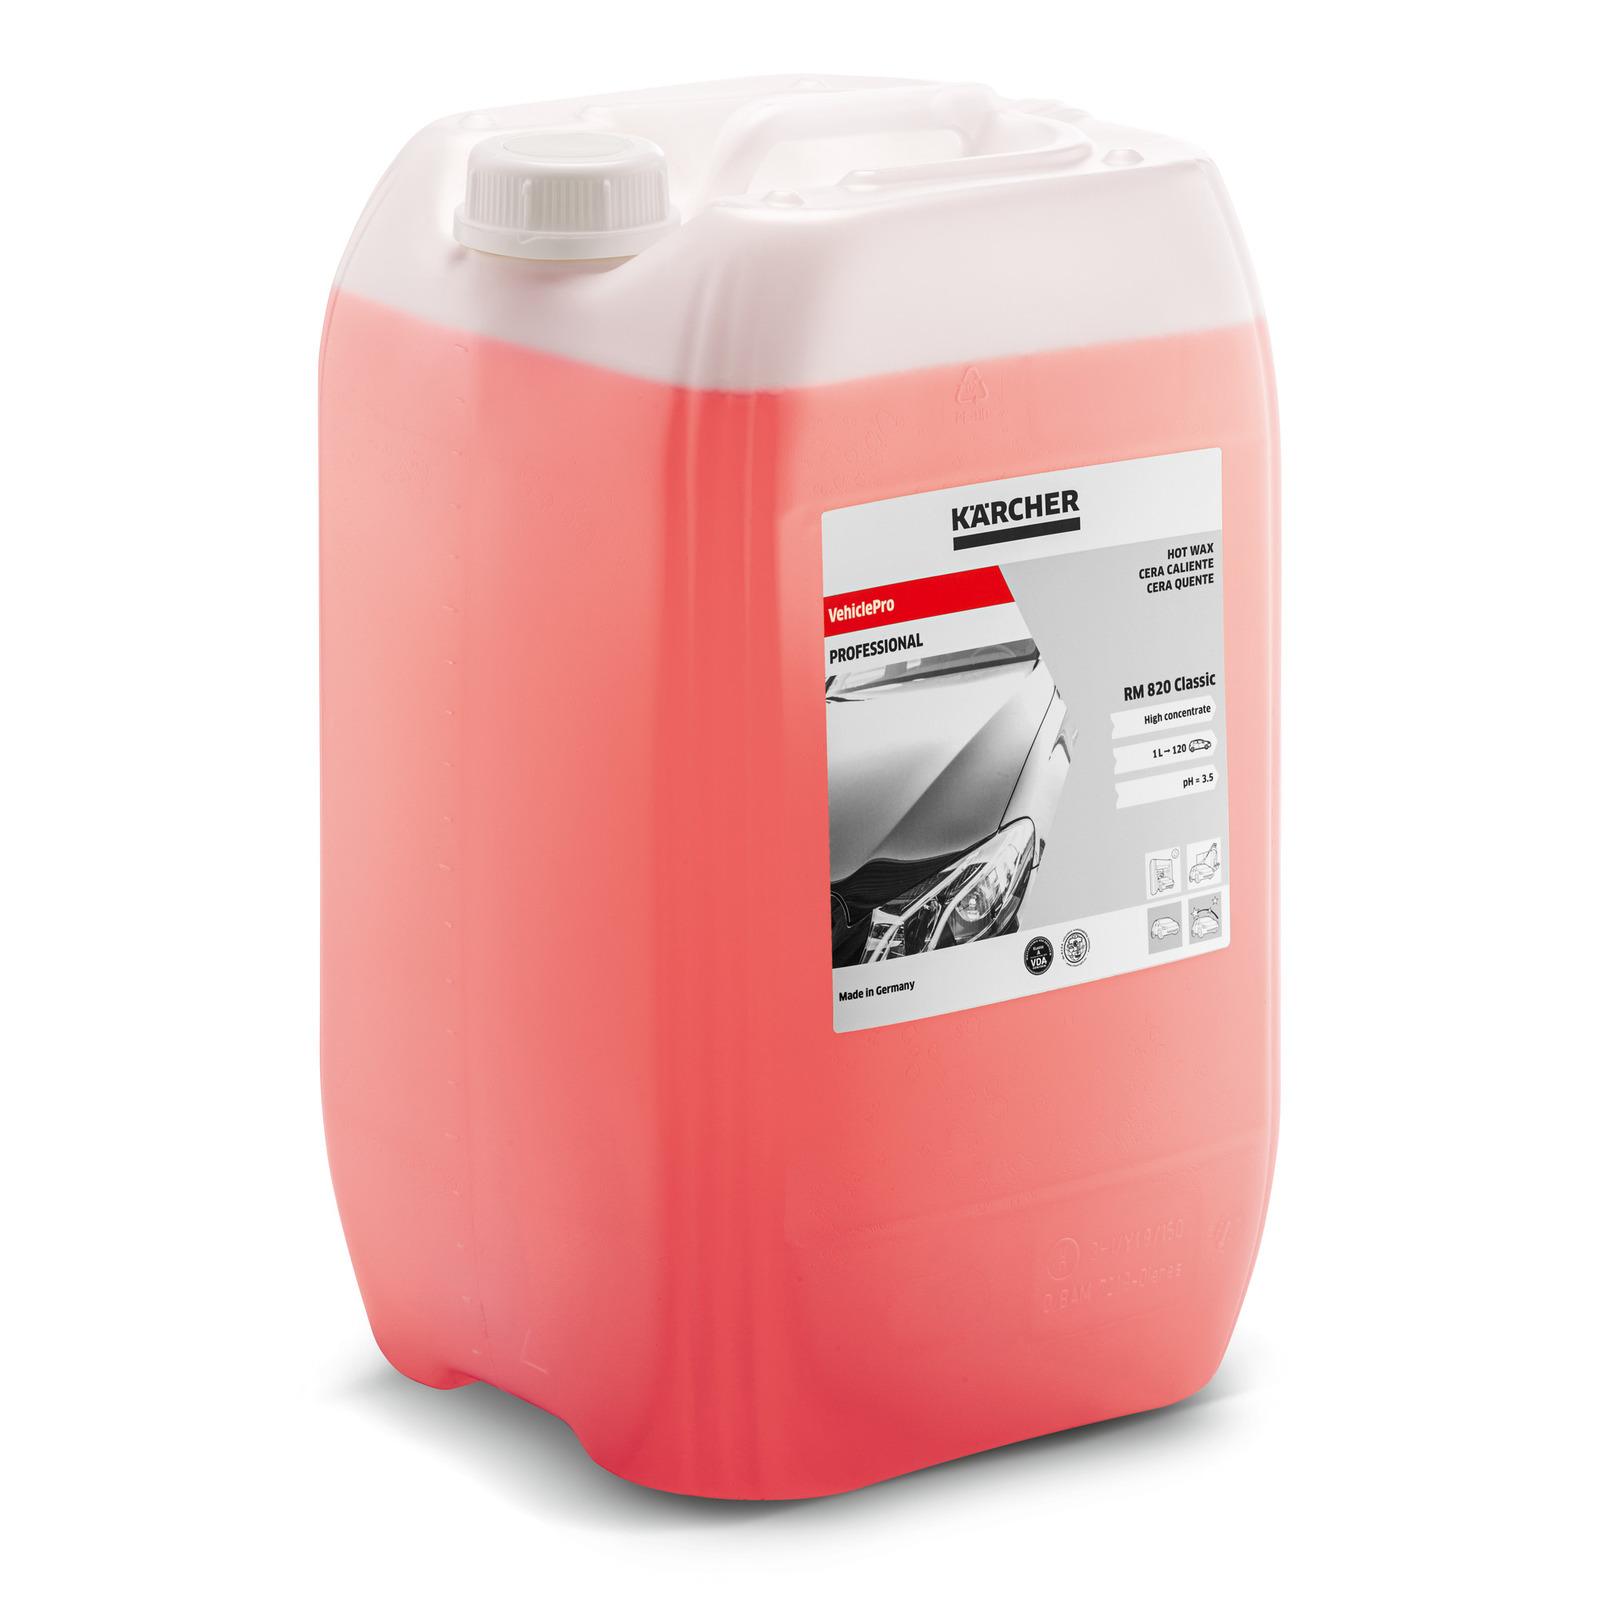 Kärcher - Horký vosk na auto RM 820, 20l